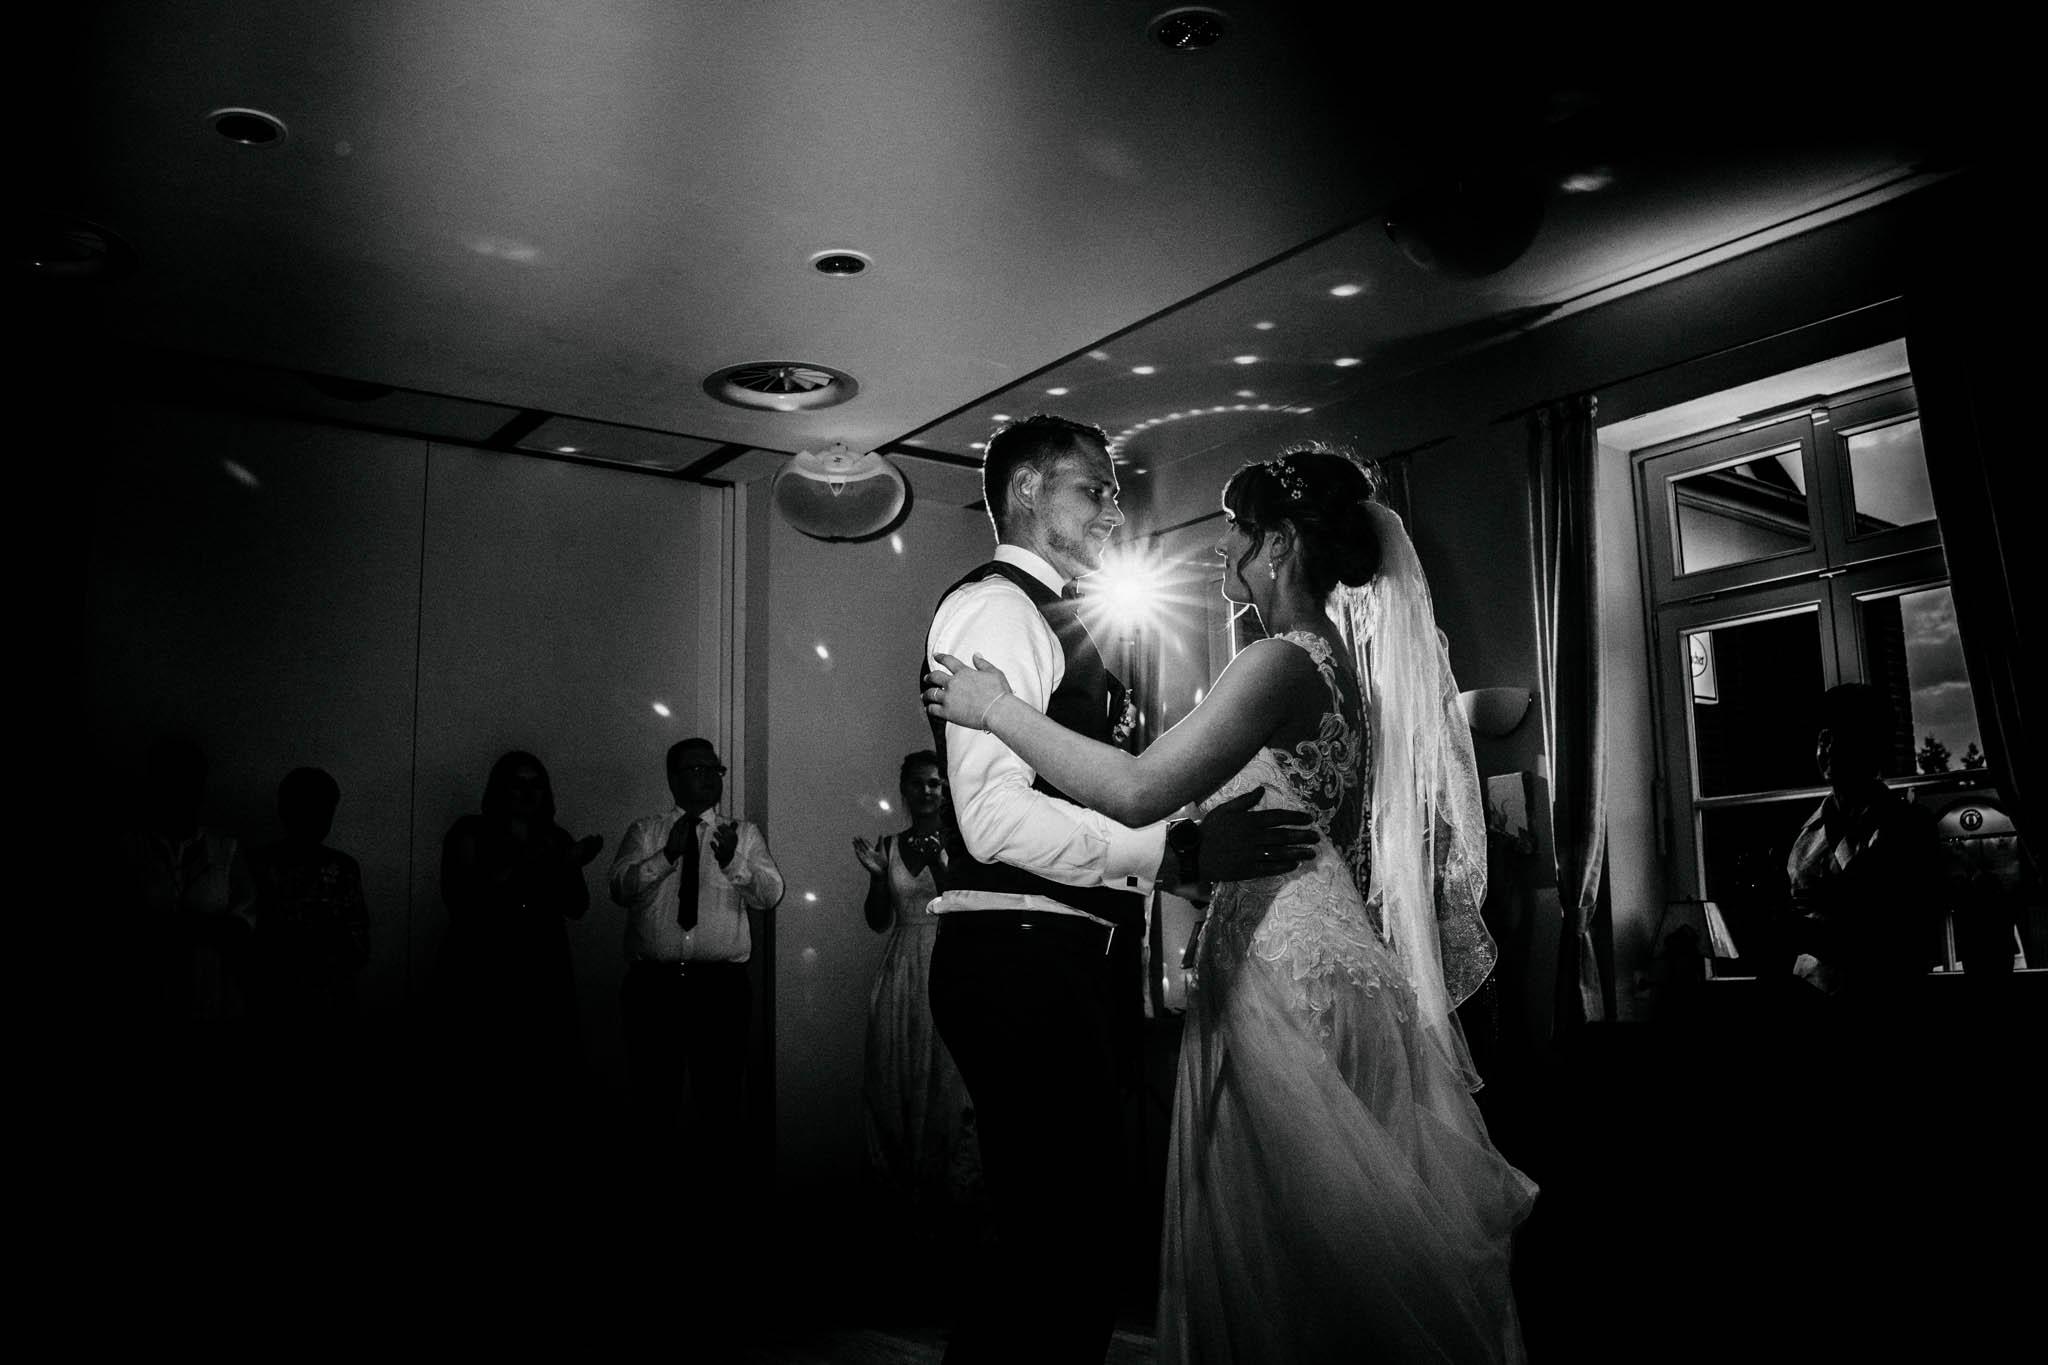 Hochzeitsfieber by Photo-Schomburg, Hoichzeitsfotograf, Hamburg, Wedding, Weddingtime, Hochzeitspaar, Braut, Bräutigam, Hochzeit im Norden,-134